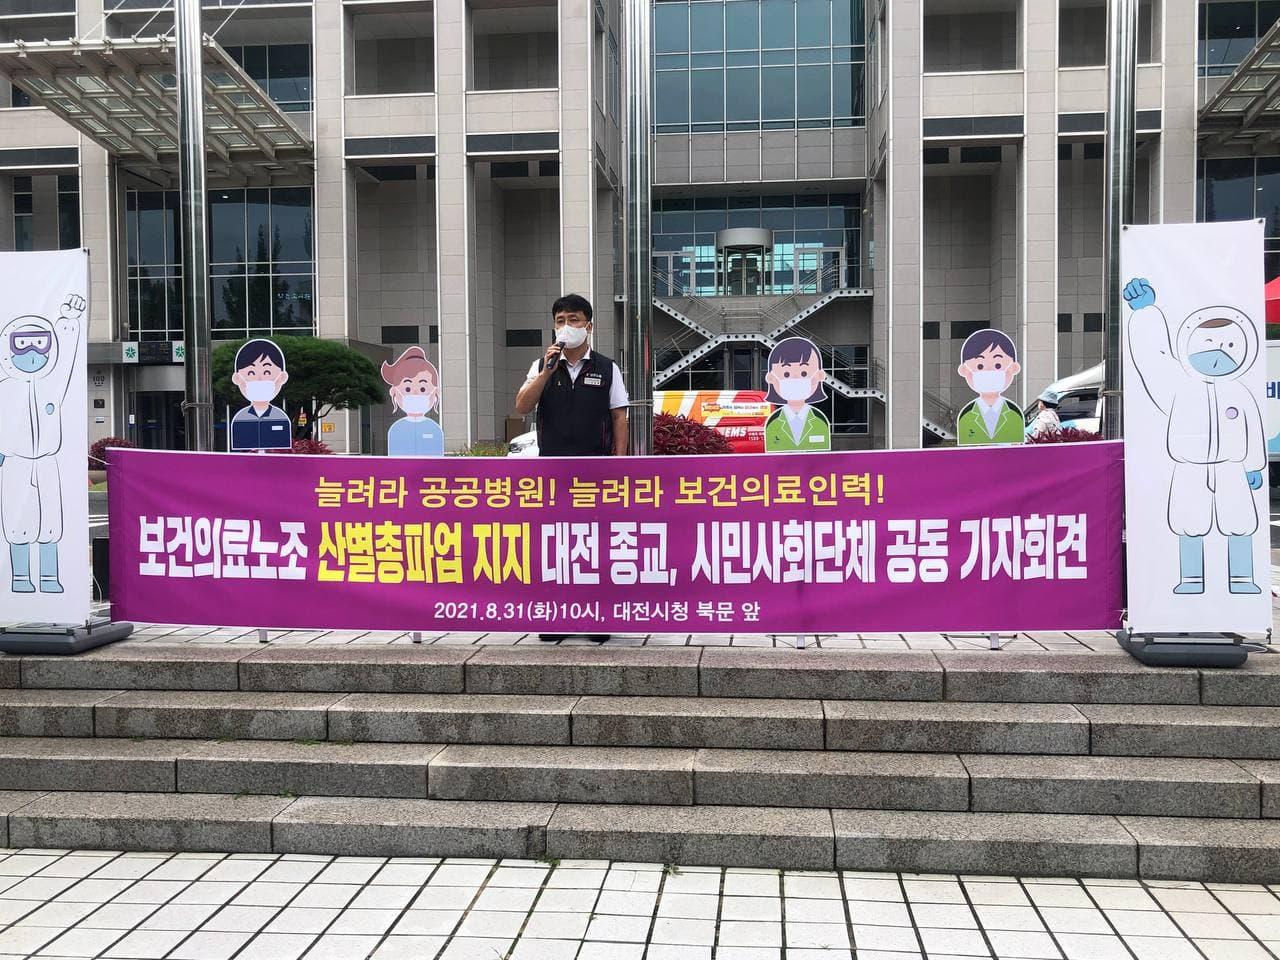 보건의료노조 총파업지지 대전지역 종교ㆍ시민사회단체 공동 1인 릴레이 기자회견